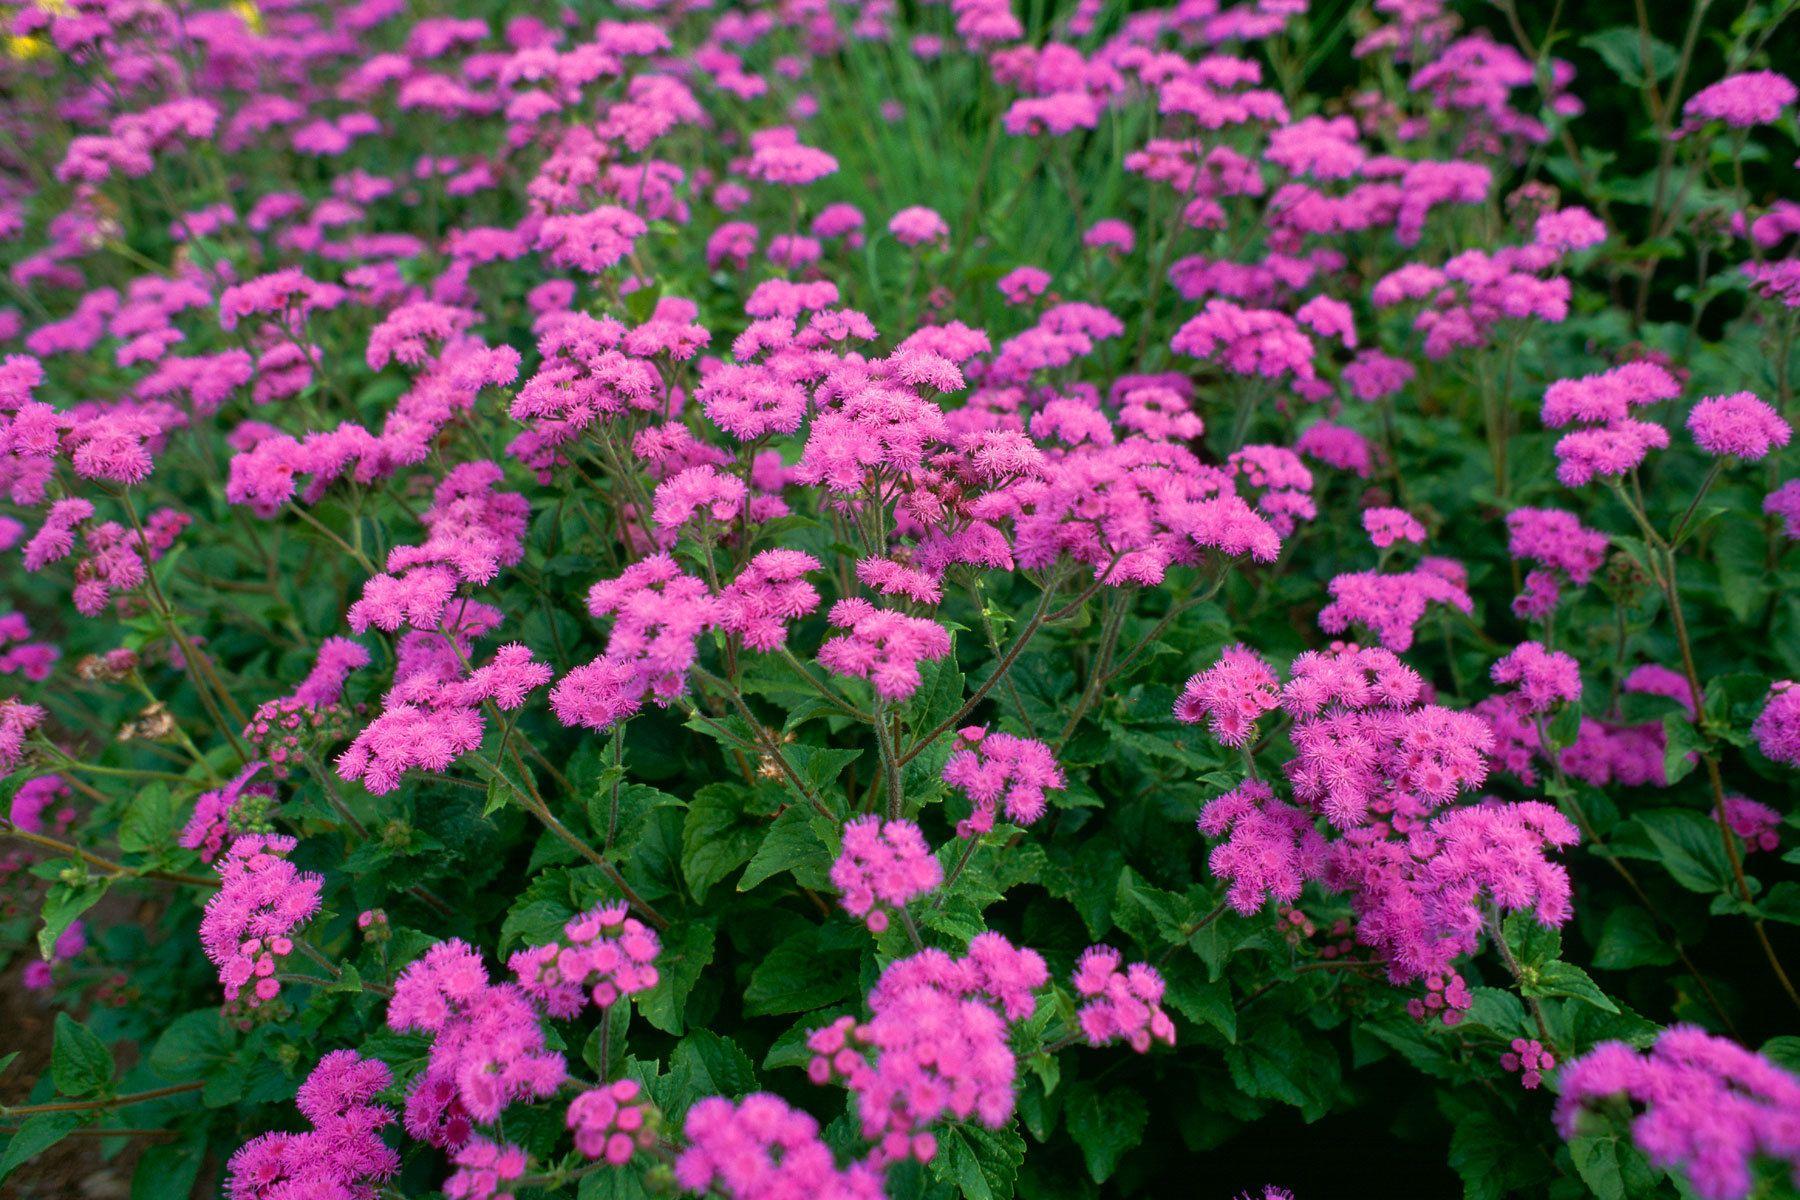 1pinkpurple_flowers.jpg